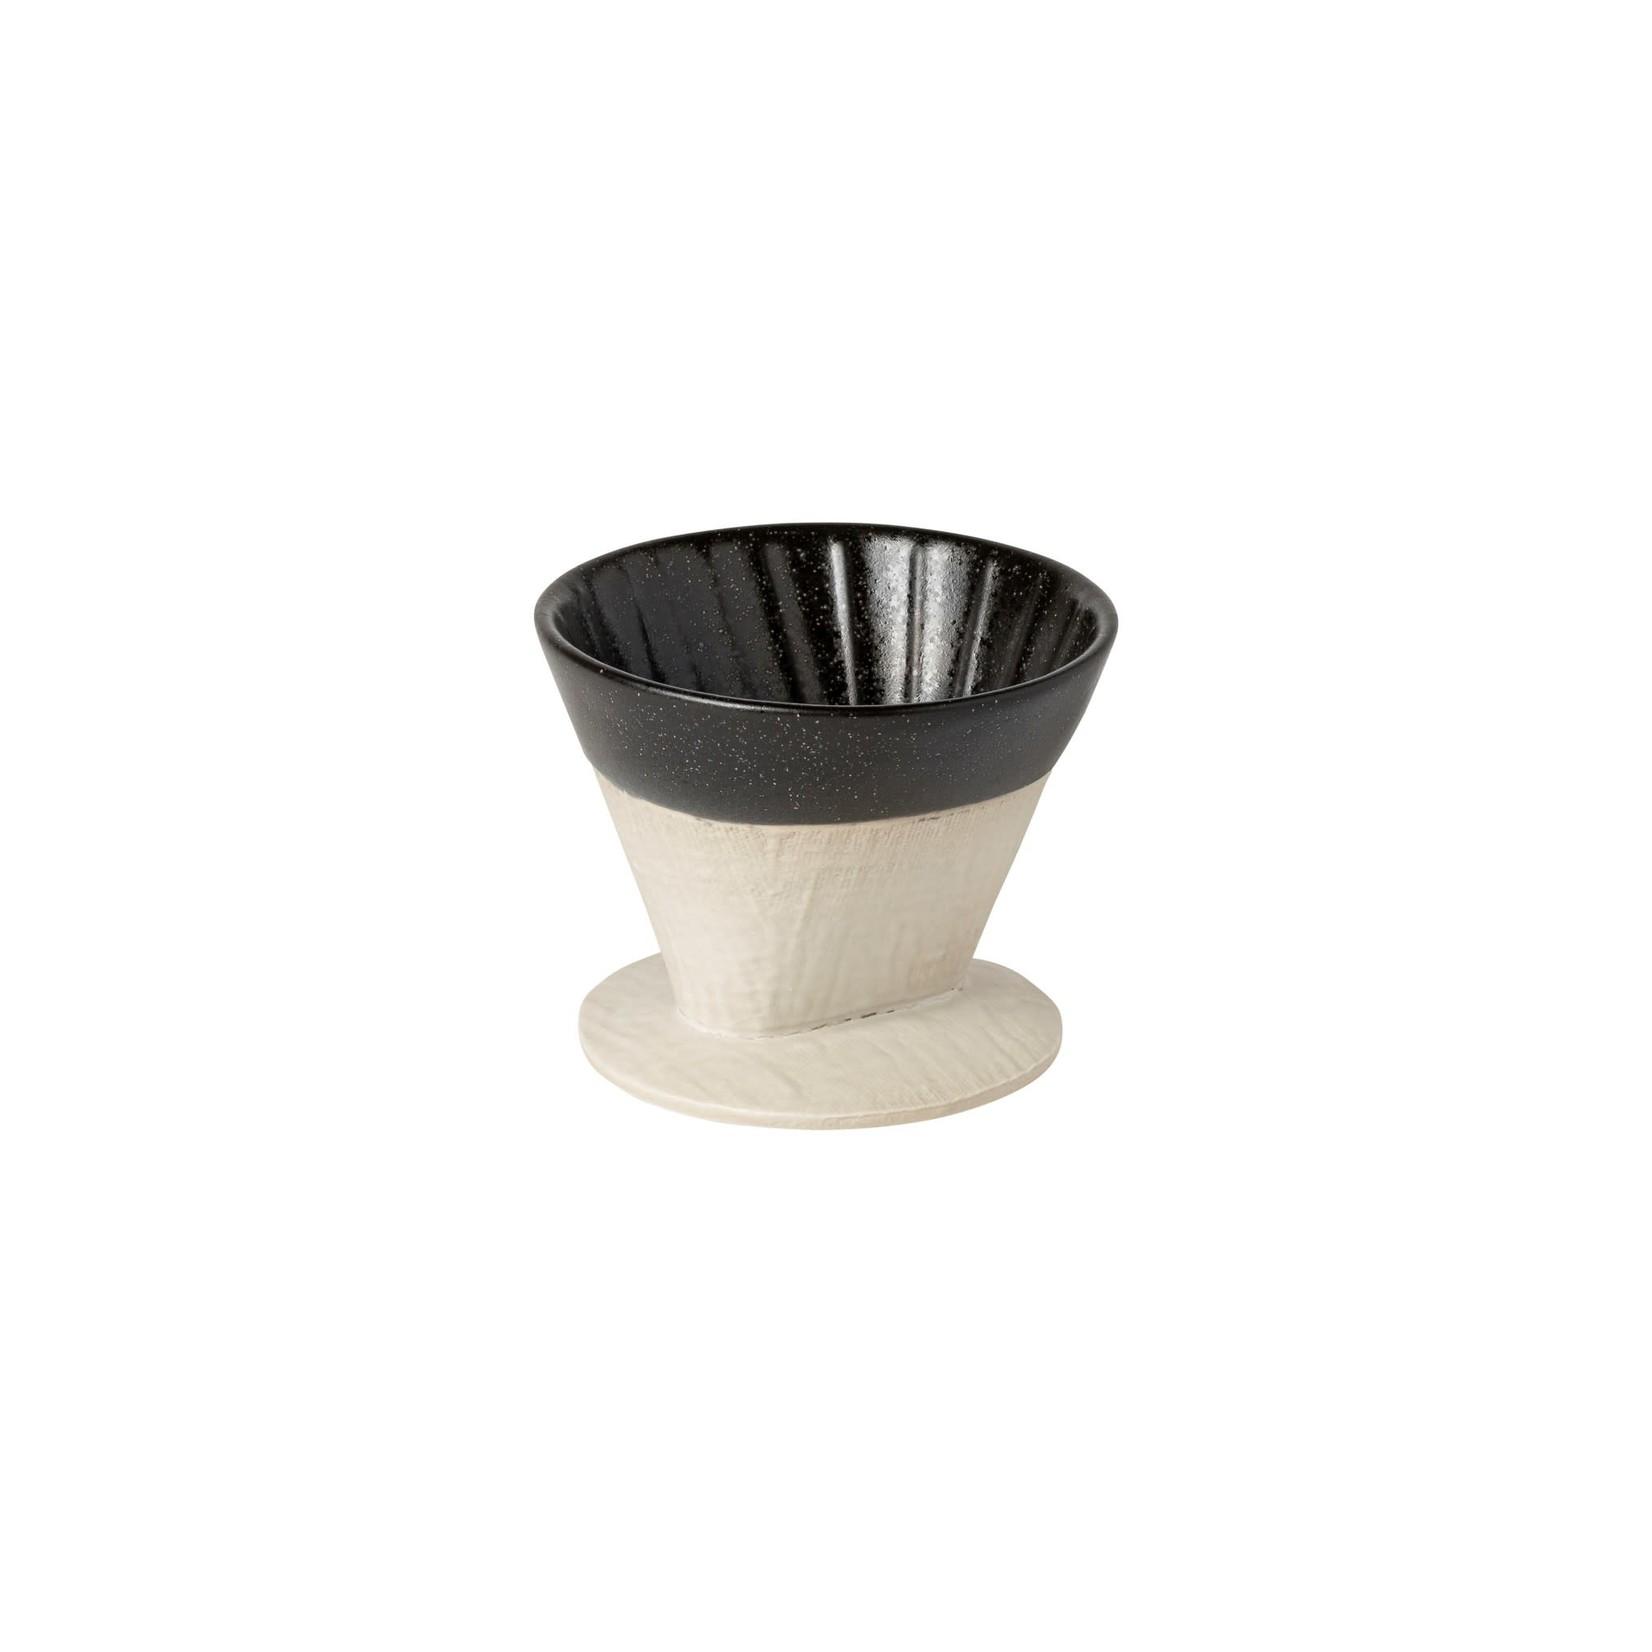 COSTA NOVA COSTA NOVA Notos Pour Over Coffee Dripper - Black